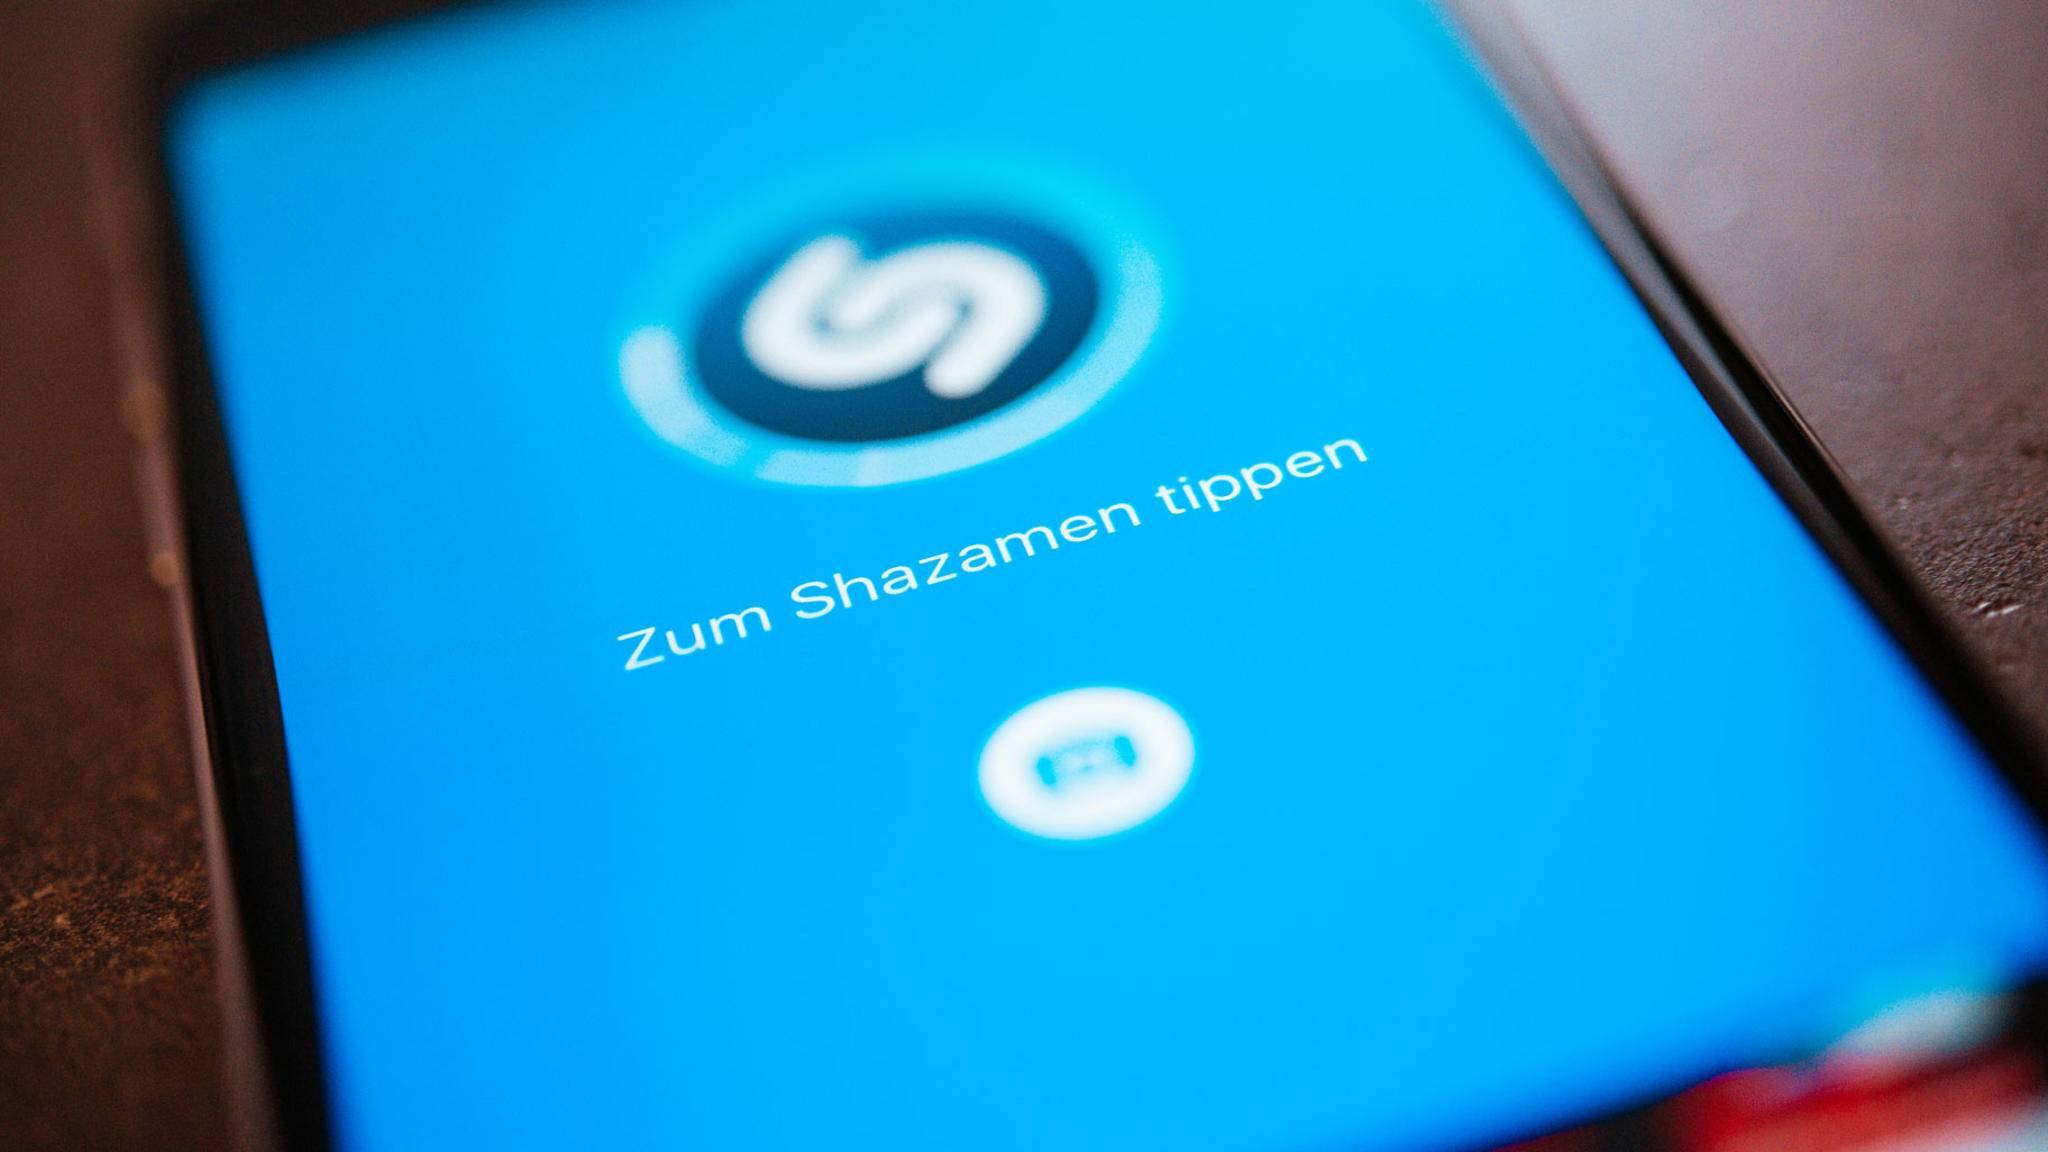 Offline-Musikerkennung auf dem iPhone ist seit dem neuesten Update samt Benachrichtigung möglich.